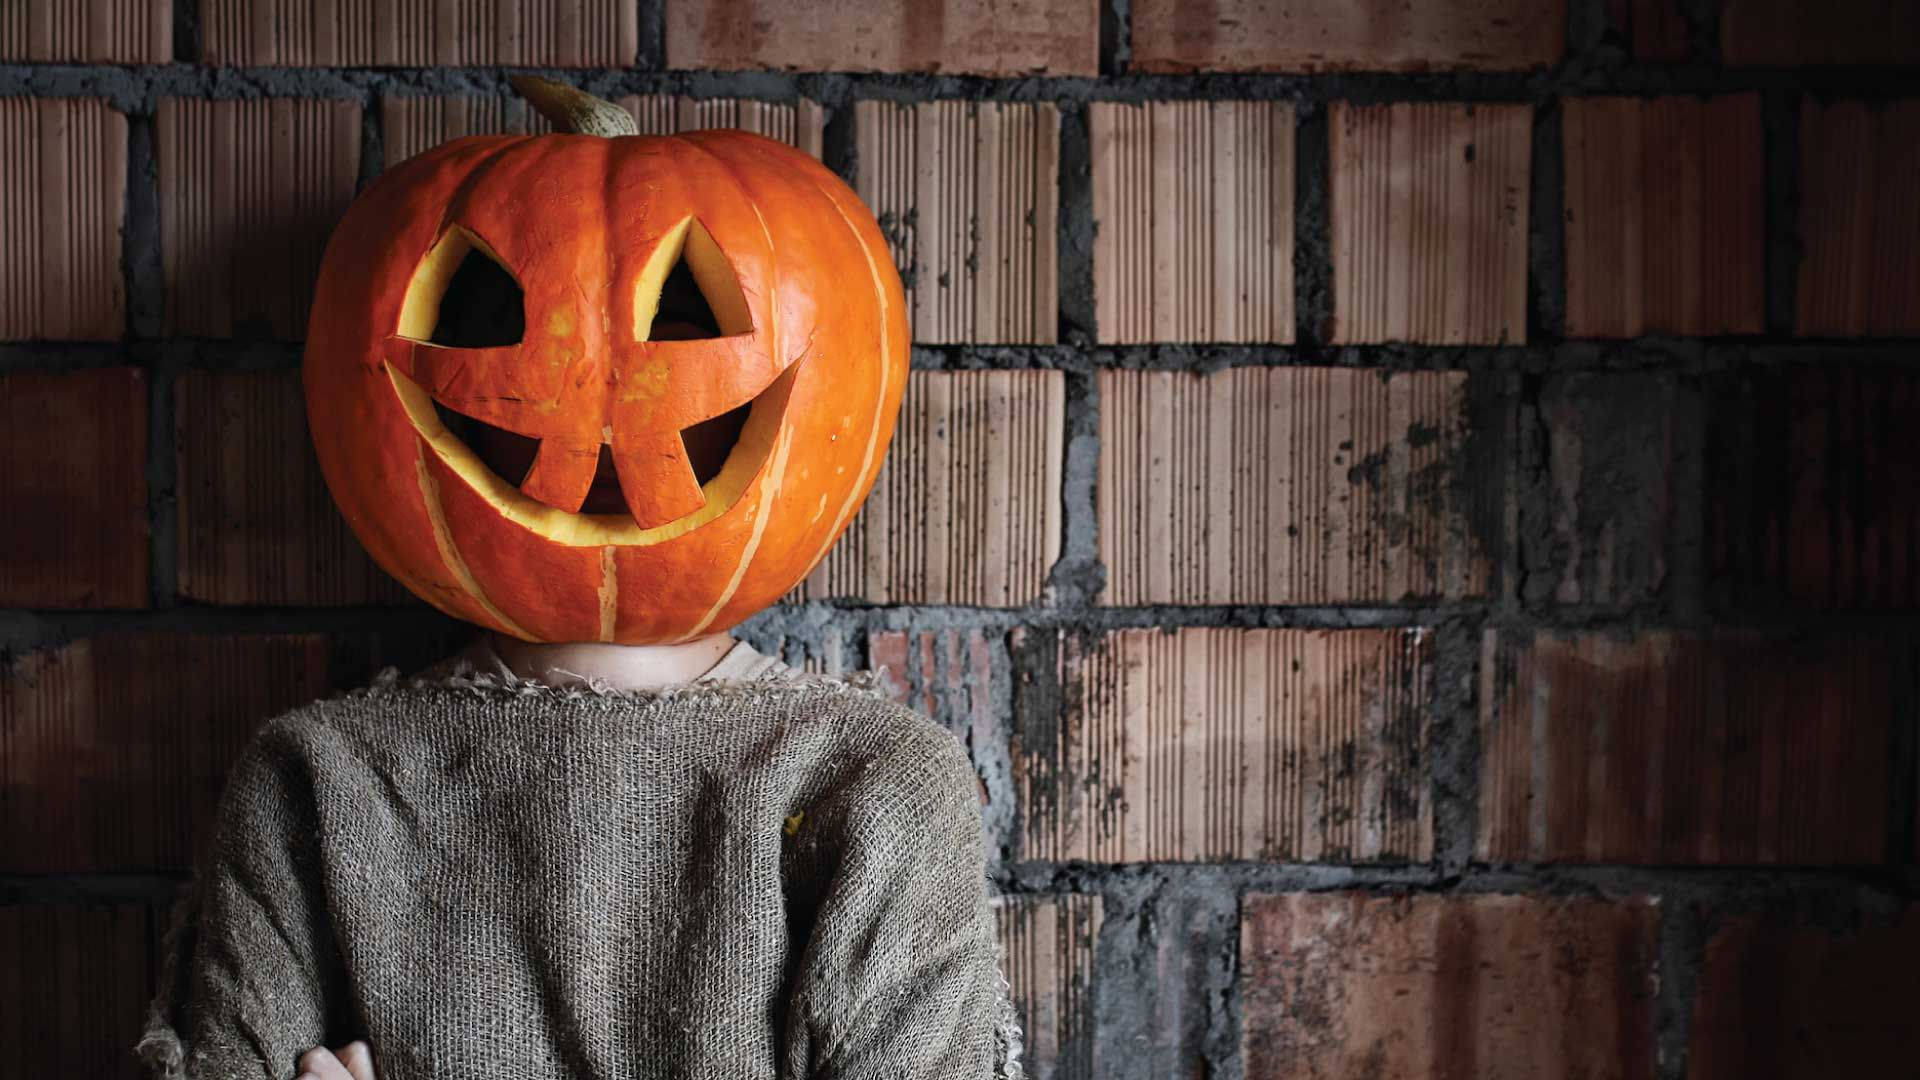 420 Pumpkin Carving Ideas at DopeBoo.com